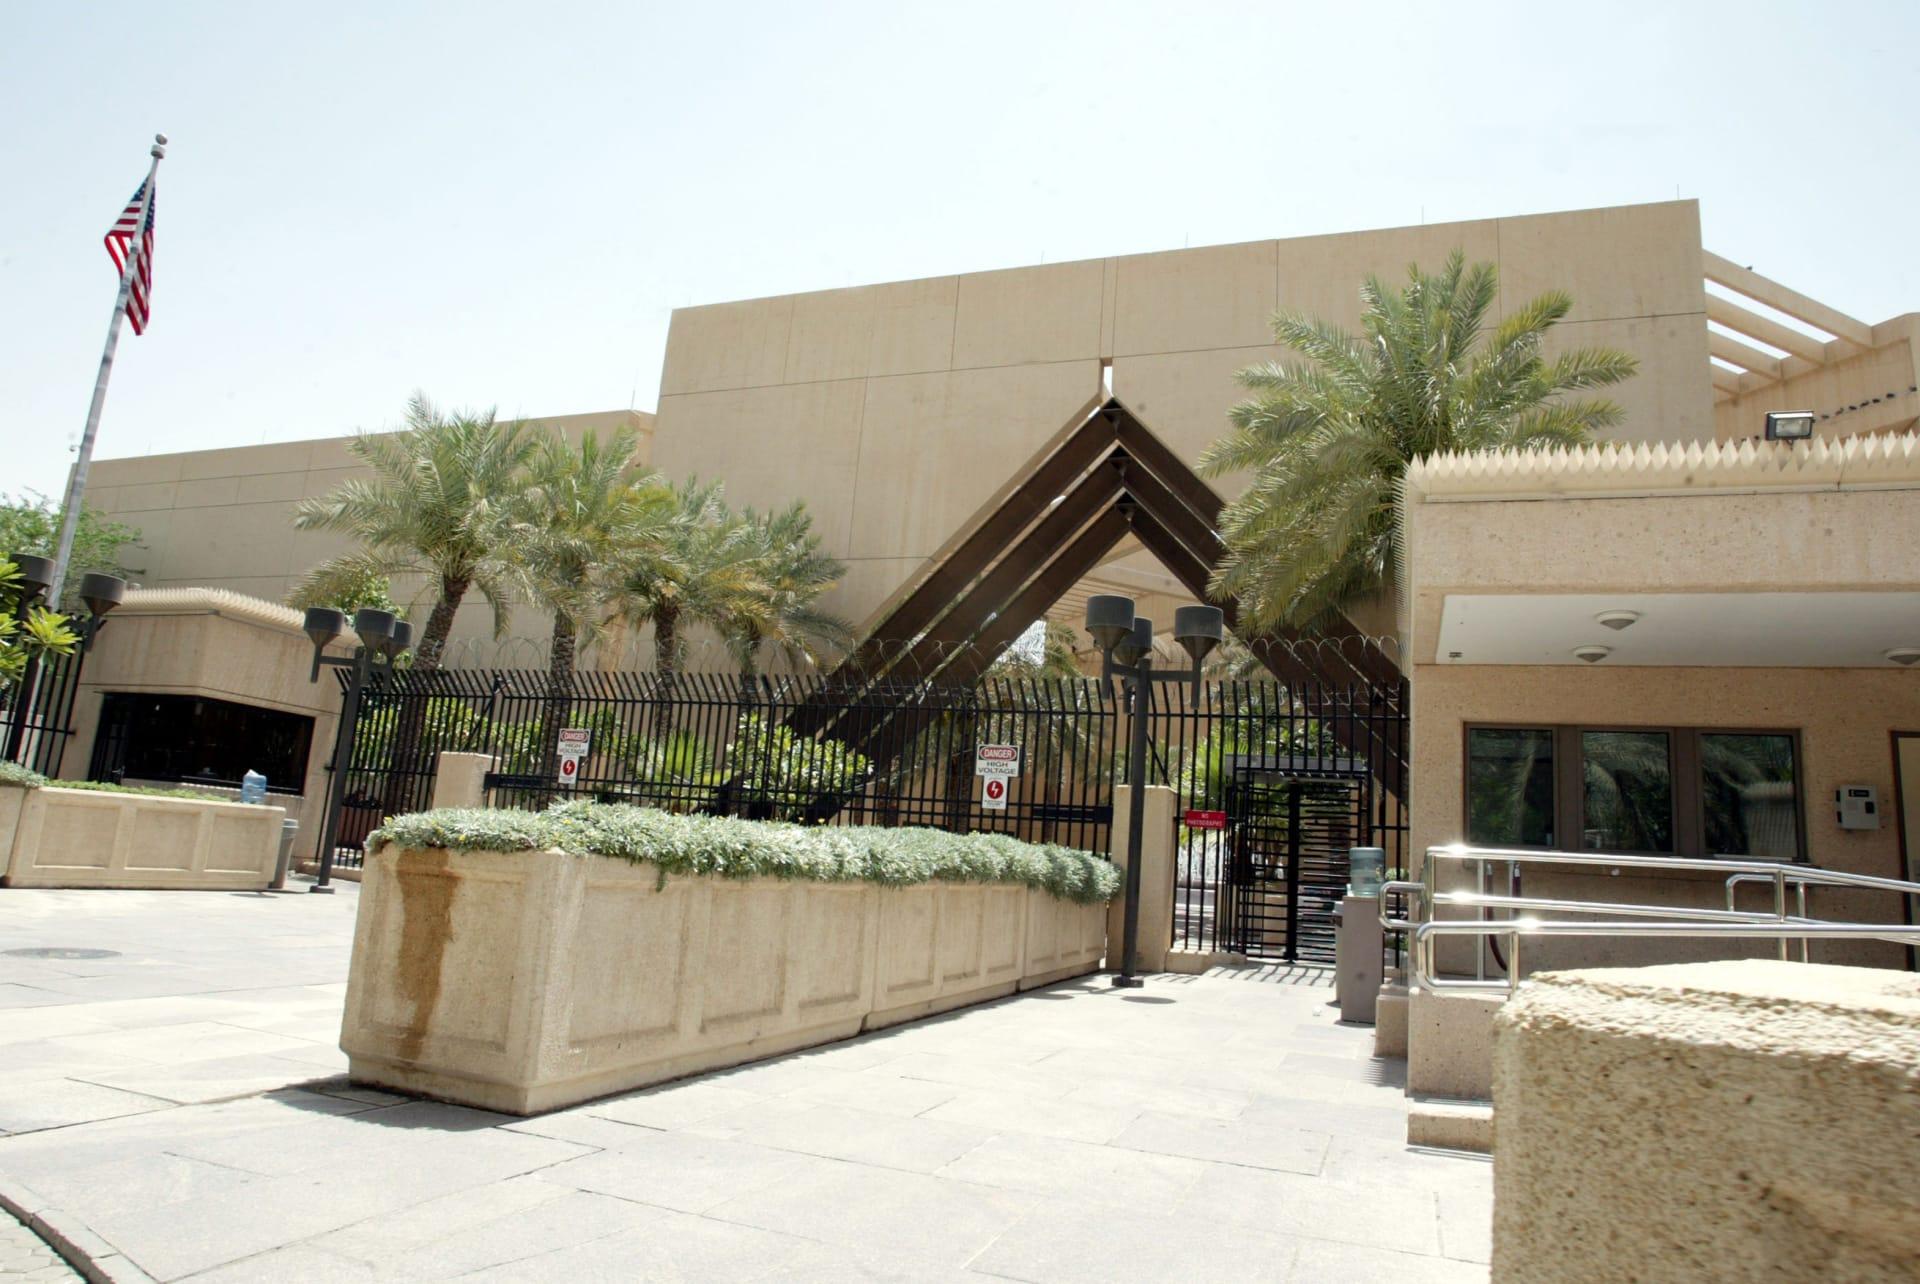 السفارة الأمريكية في السعودية تنشر فيديو نادر للقاء الملك عبد العزيز وروزفلت قبل 75 عاما